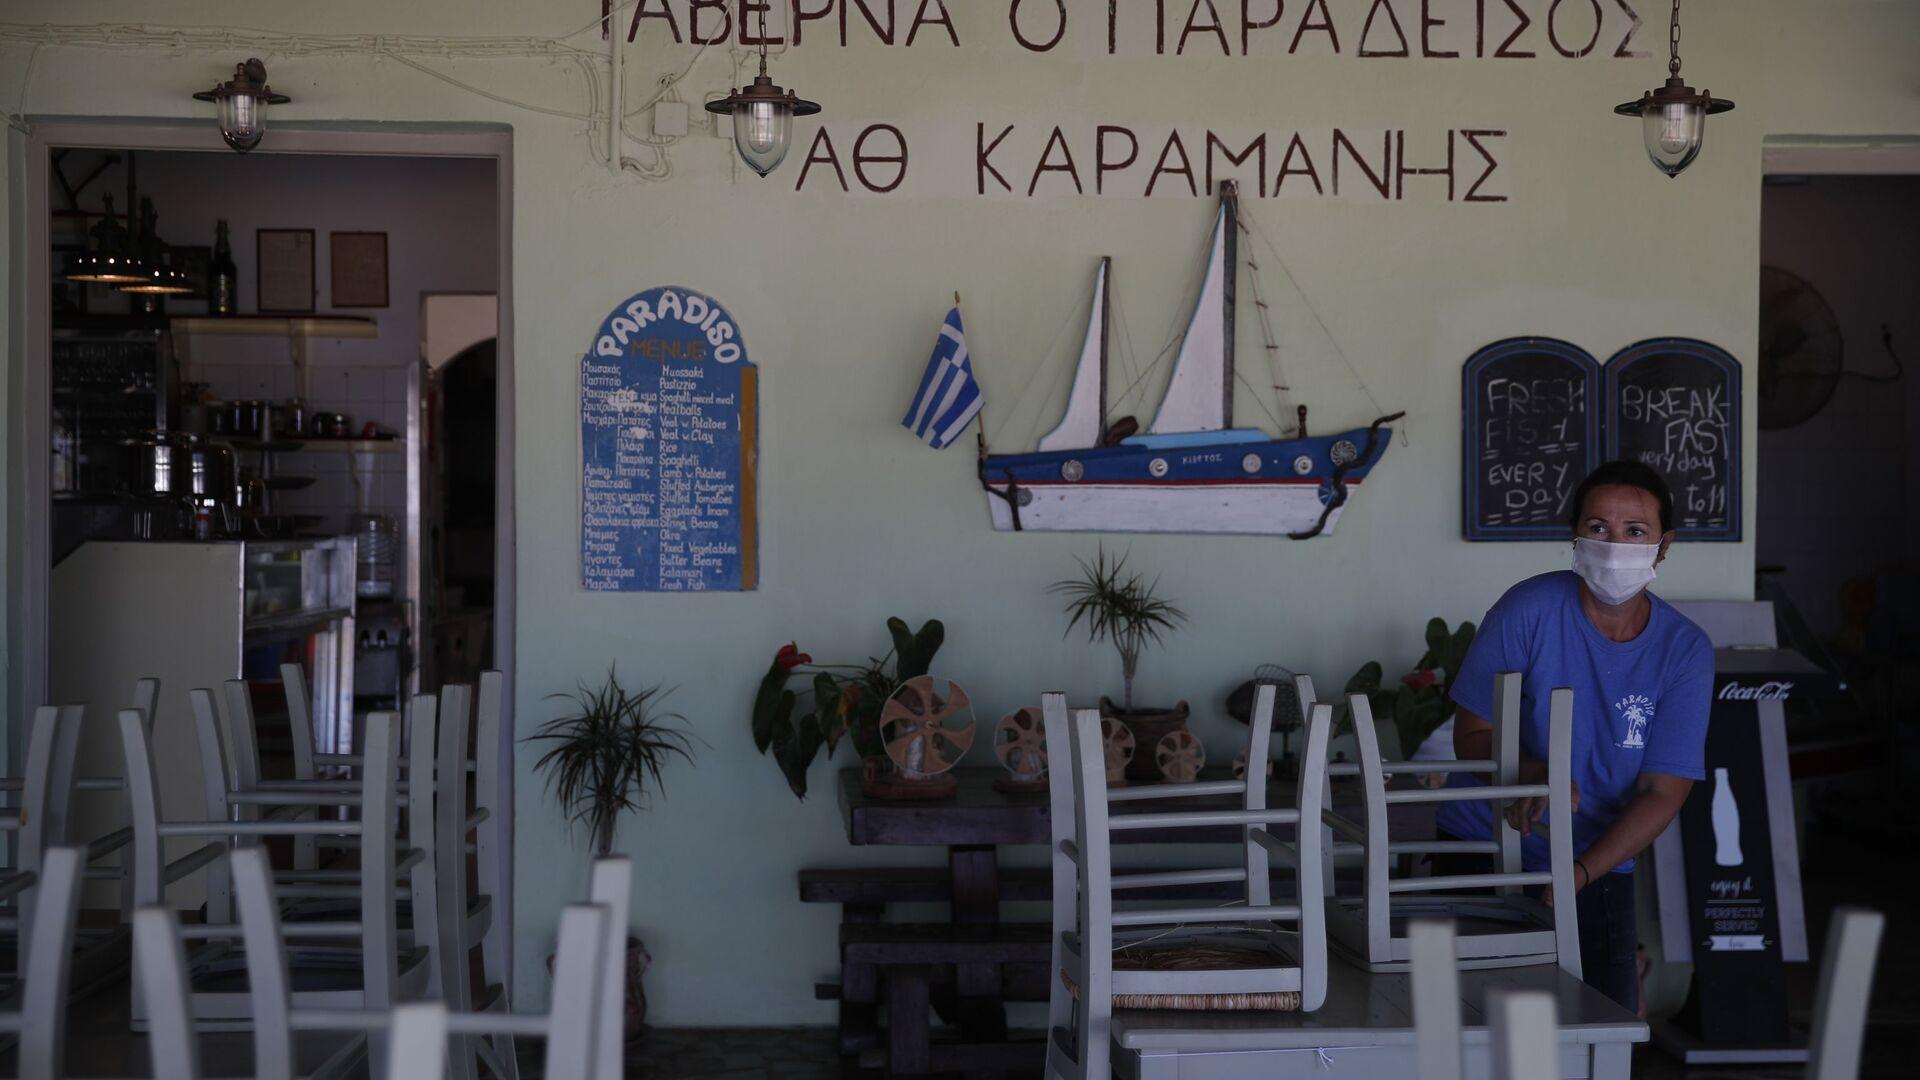 Радник поставља столице у таверни на плажи Плака у егејском острву Наксос - Sputnik Србија, 1920, 26.05.2021